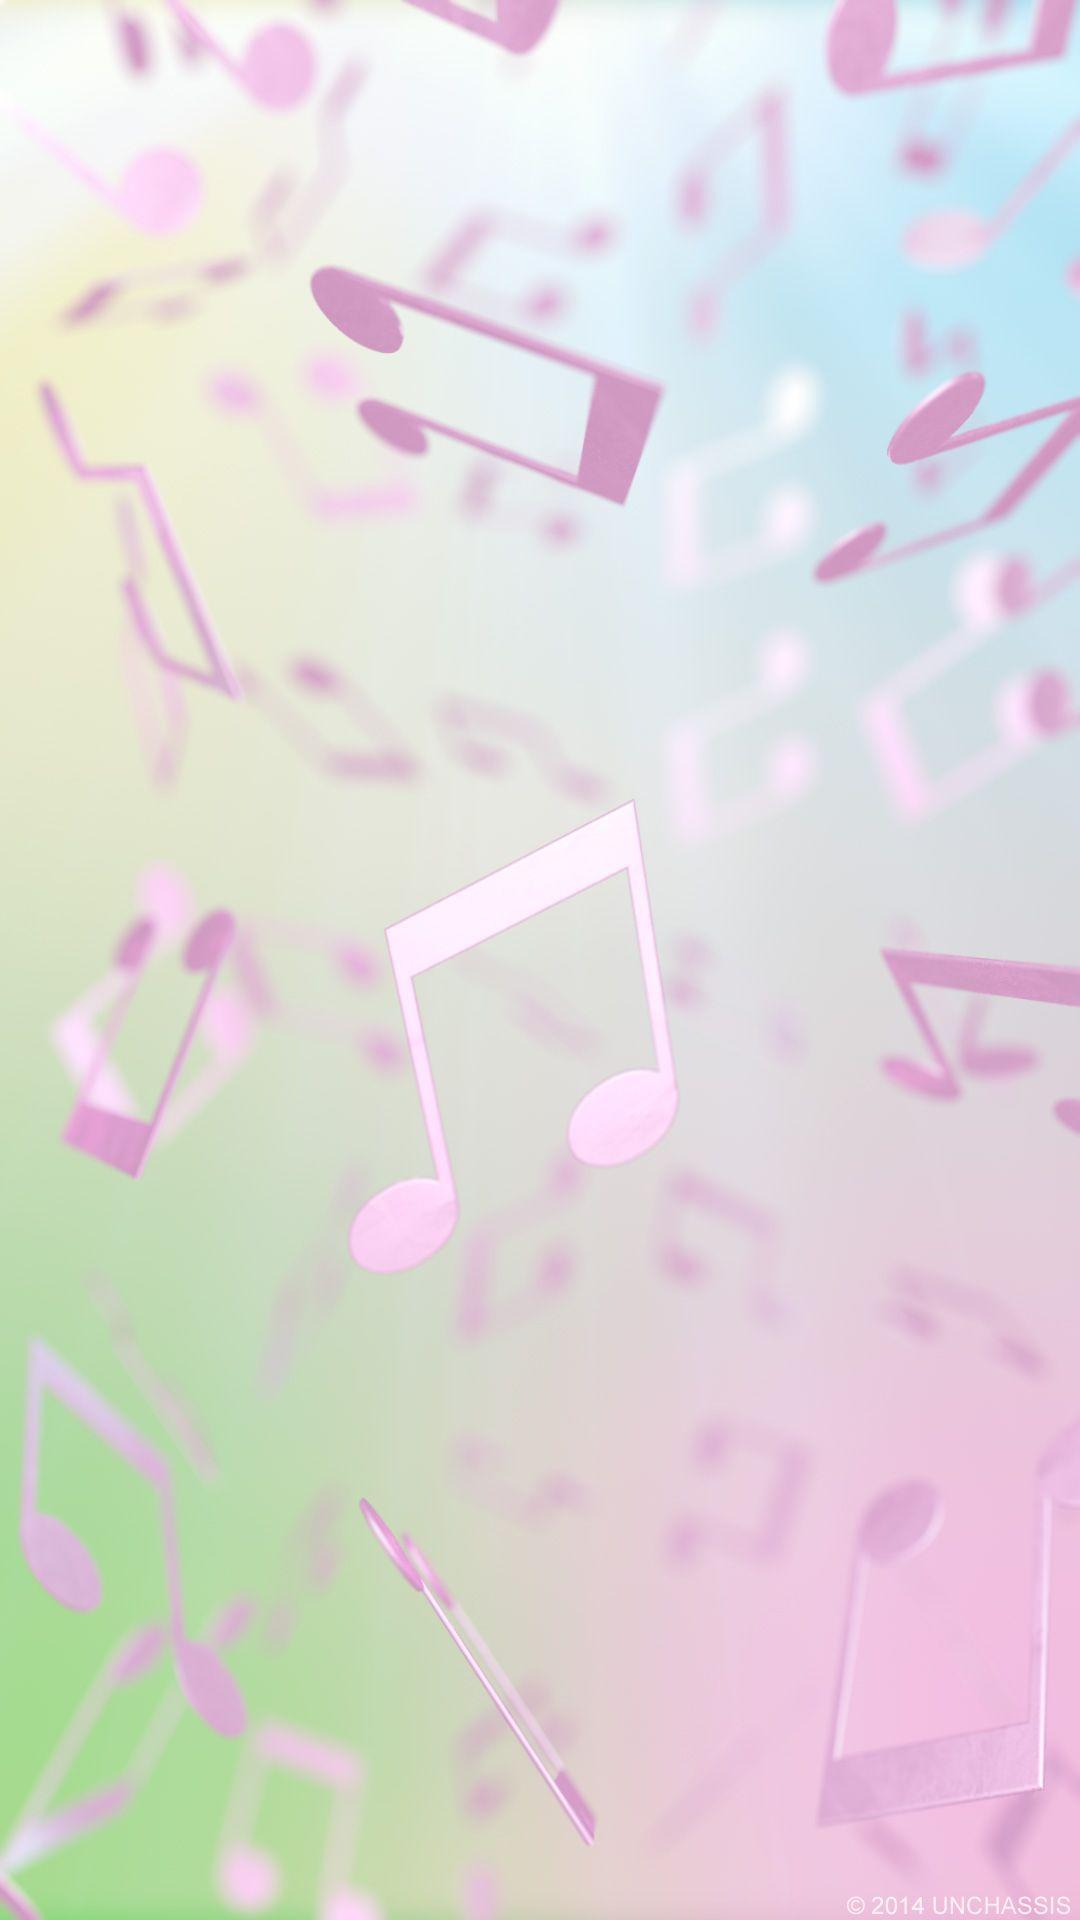 Musicの壁紙 | iPhone7, スマホ壁紙/待受画像ギャラリー